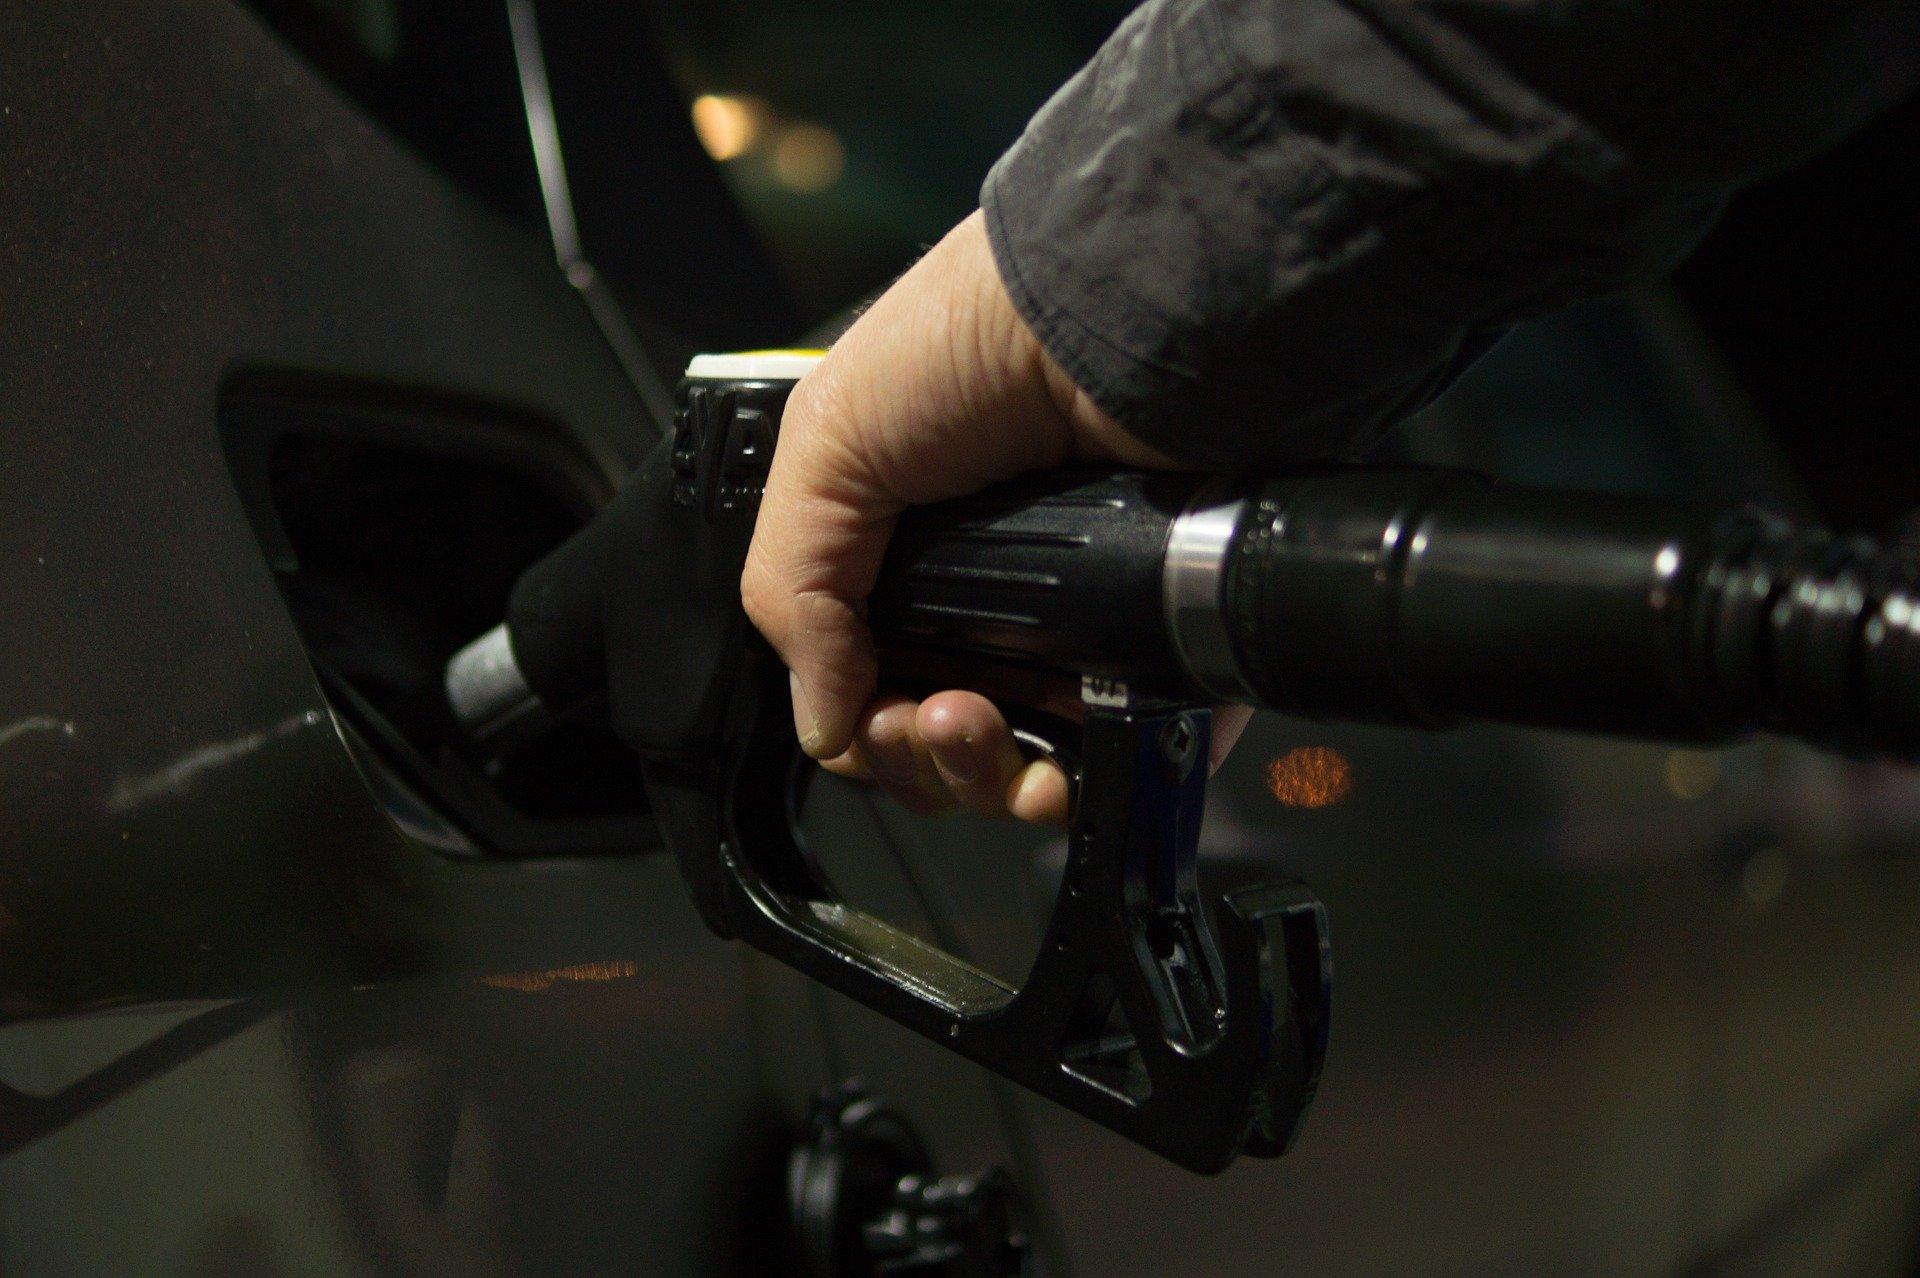 Usuarios pagarán menos por gasolina, SHCP incrementa estímulo